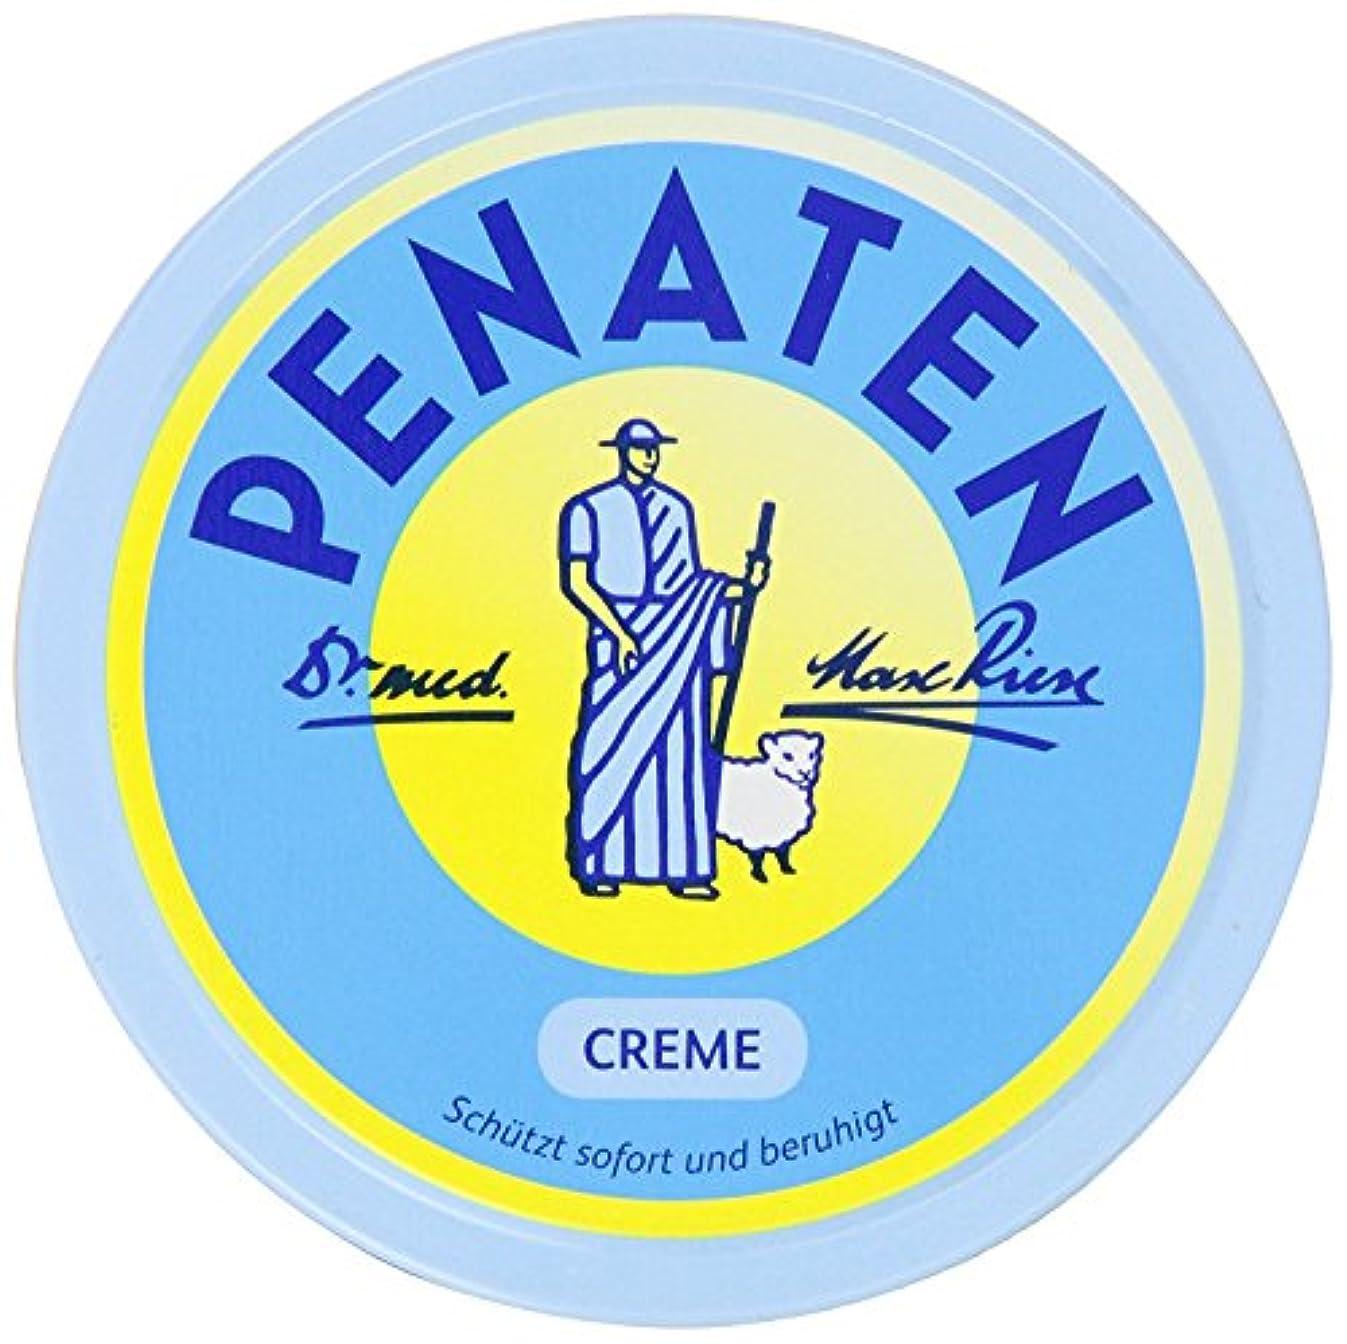 逆に会計士宙返り(ペナテン) Penaten Baby Creme 150 ml, 3er Pack (3 x 150 ml) (並行輸入品) shumaman